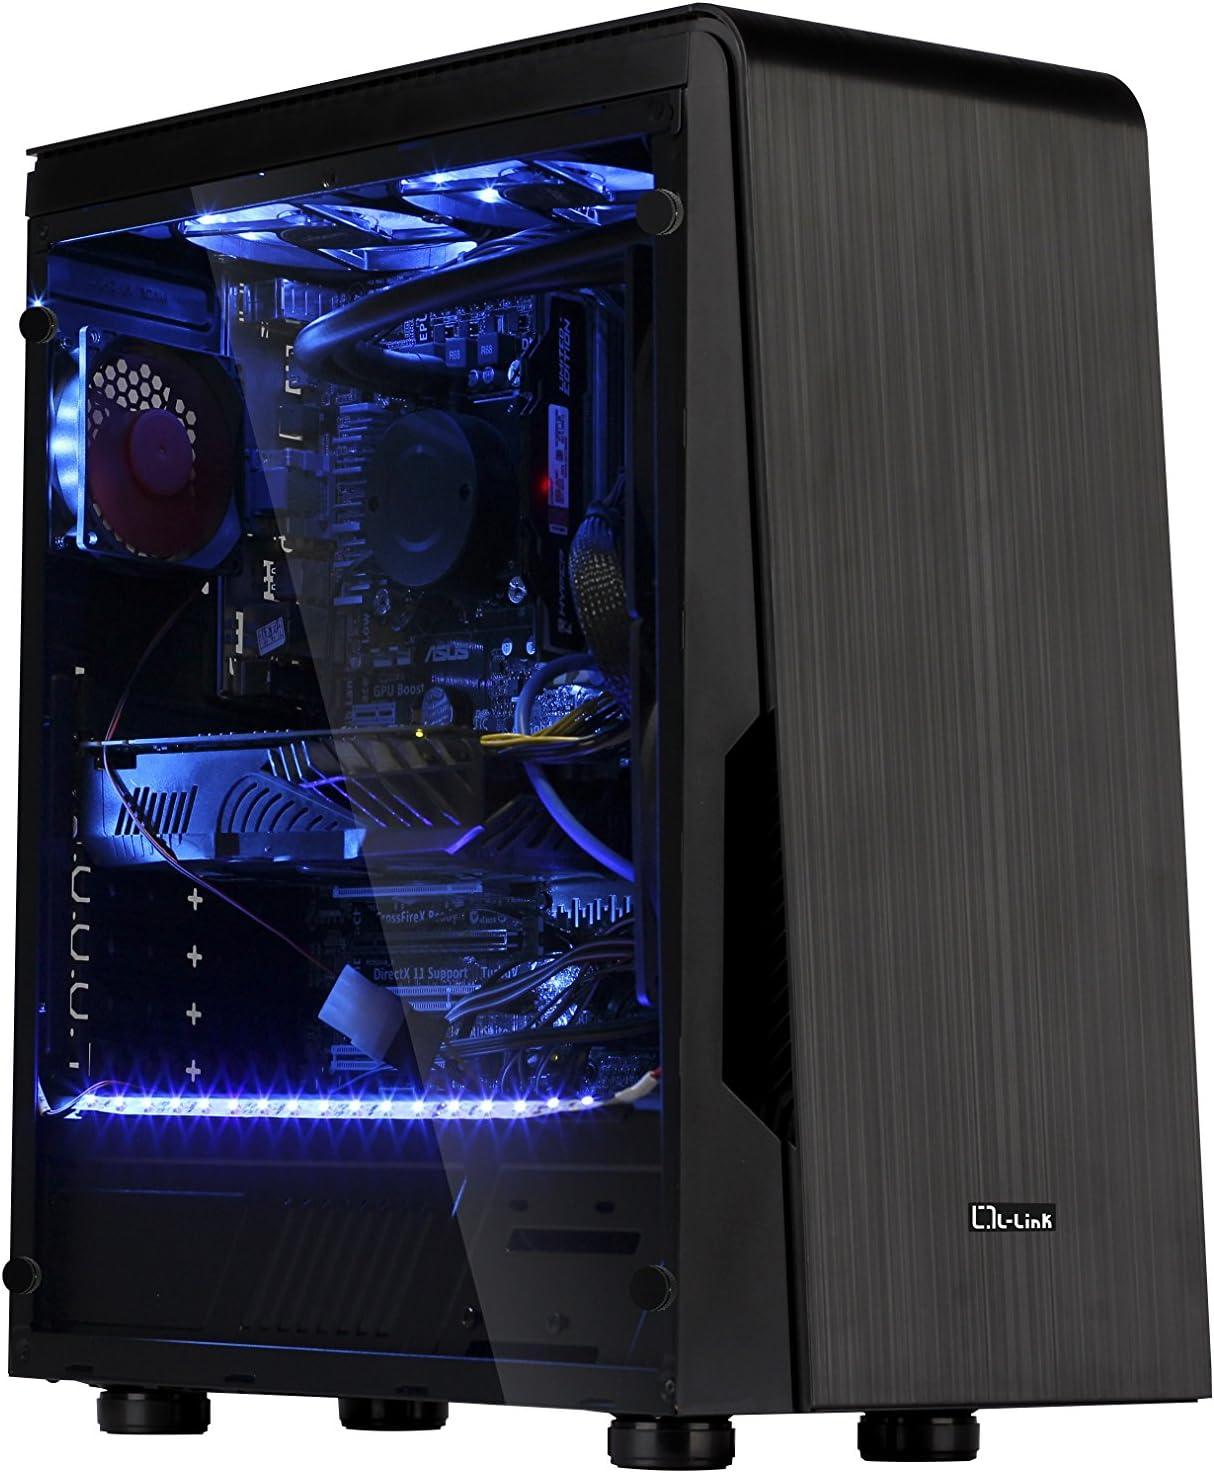 L-Link ATX - Caja sin Fuente con Lateral Transparente + USB 3.0, Color Negro: Amazon.es: Informática